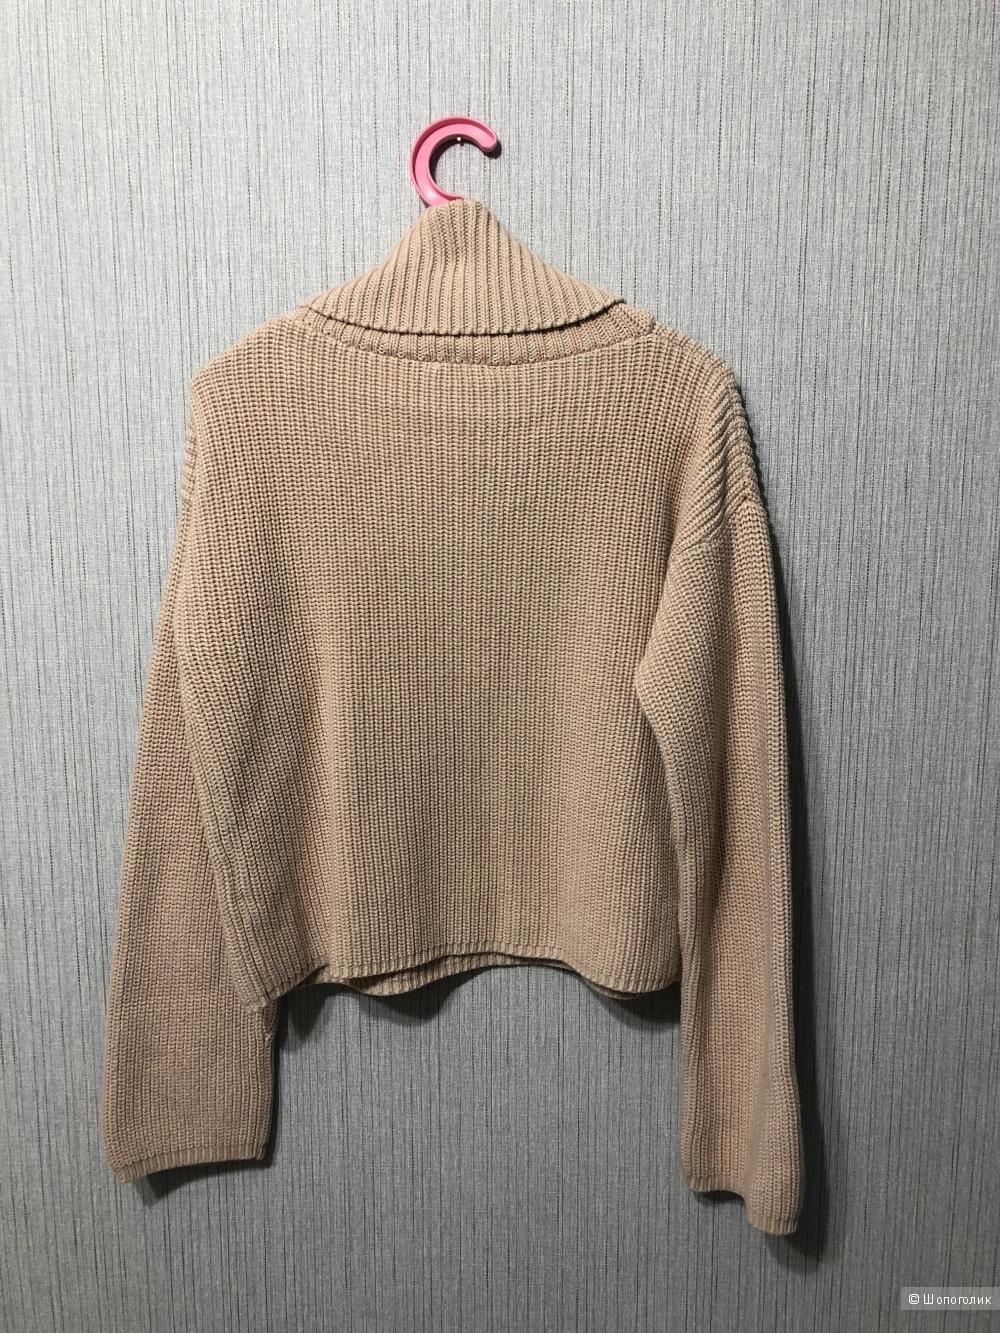 Свитер Calvin Klein размер S/M